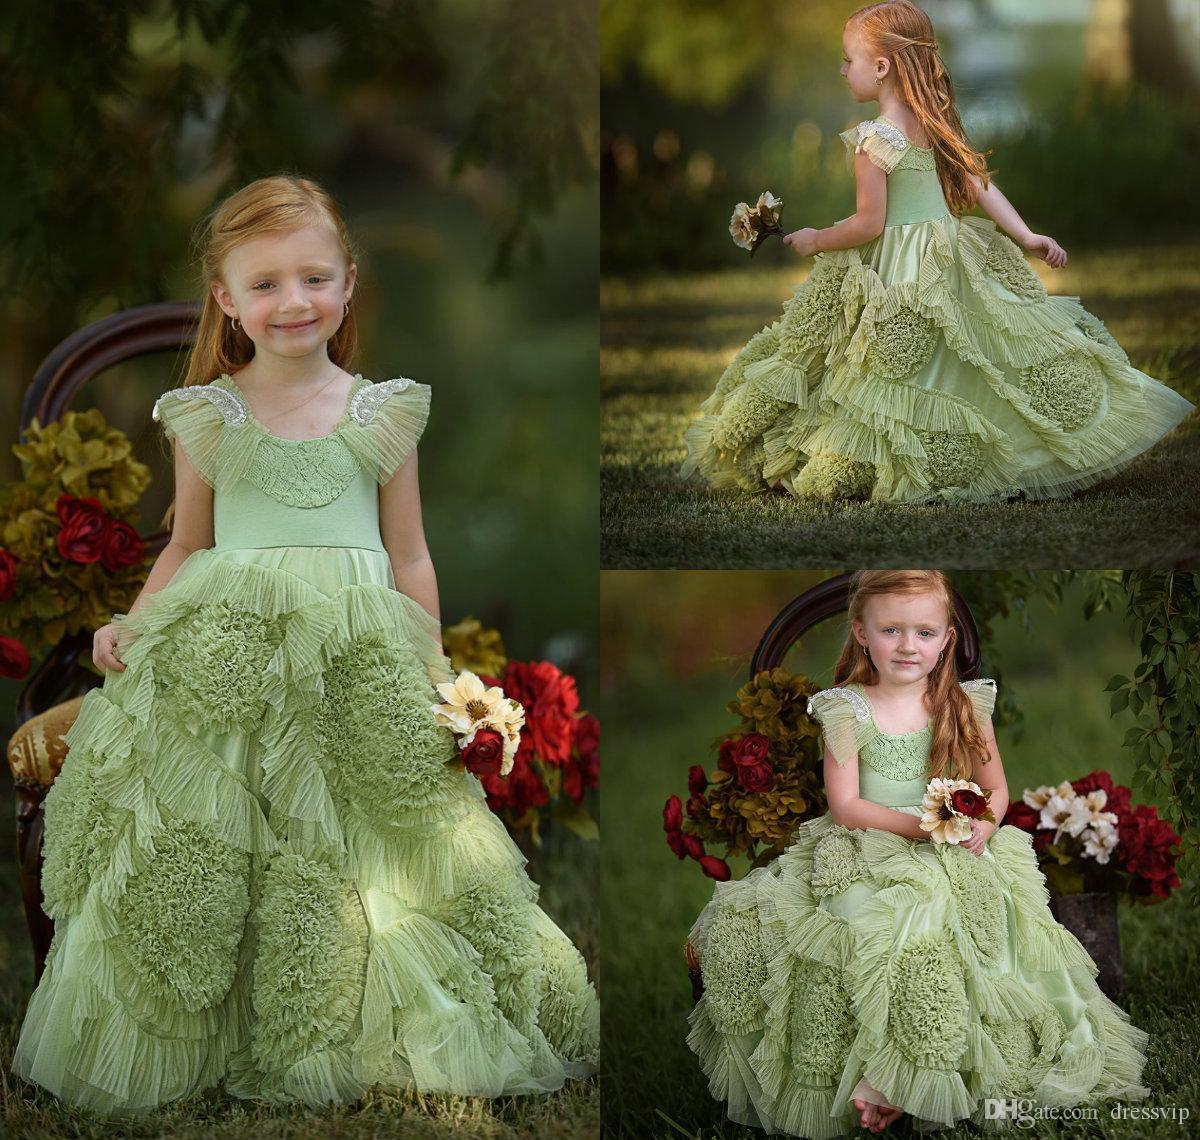 2019 New Beach Flower Girl Dresses Green Boho First Communion Dress For Little Girl Jewel Neck Sleeveless A-Line Cheap Kids Wedding Dress